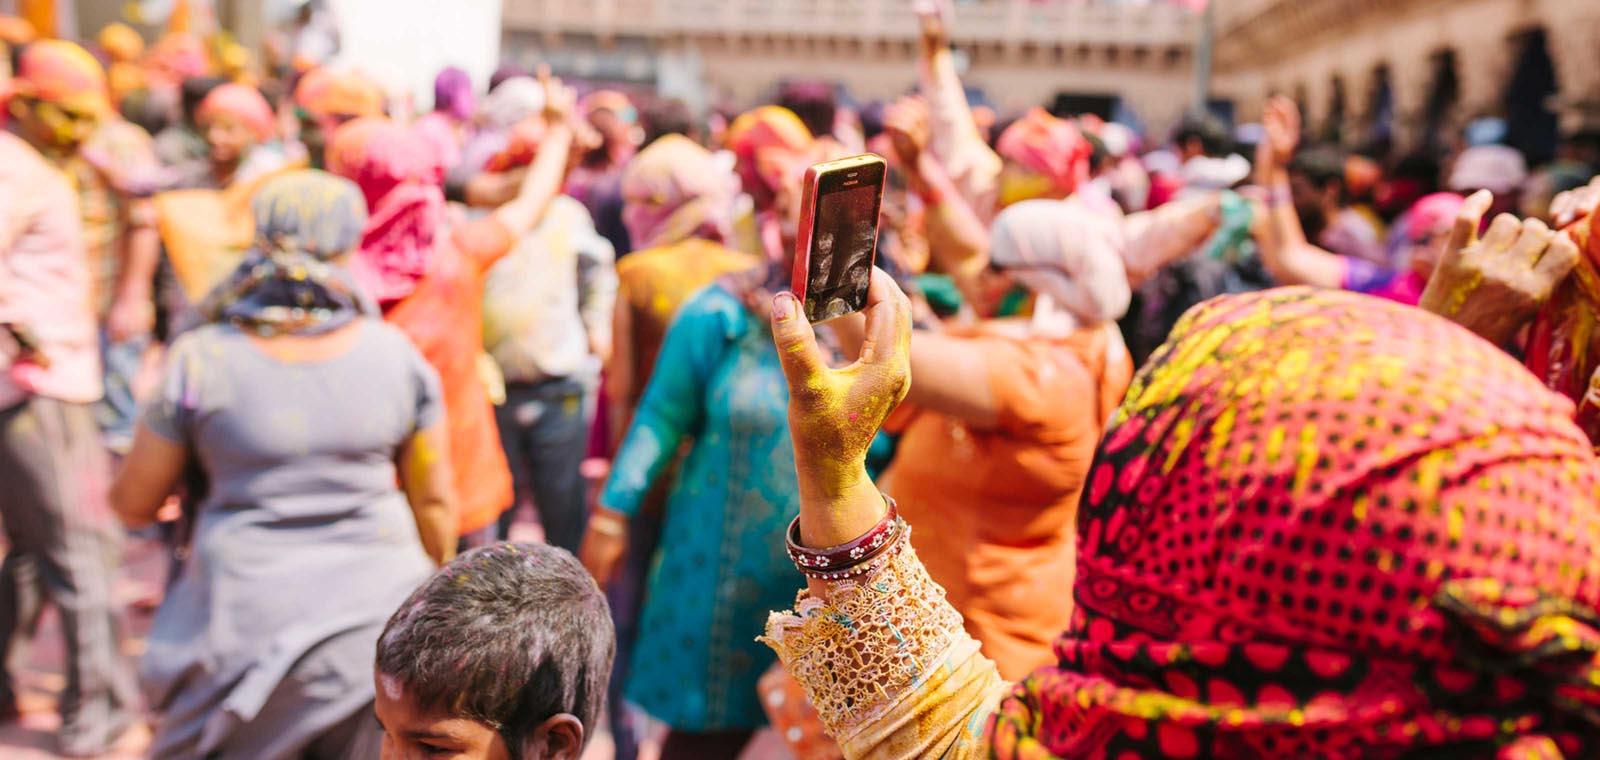 indian consumers Presented by: achintya pr avishek bhattacharya divya marwah mukul attri nayana unni prashant patro siddharth modak.